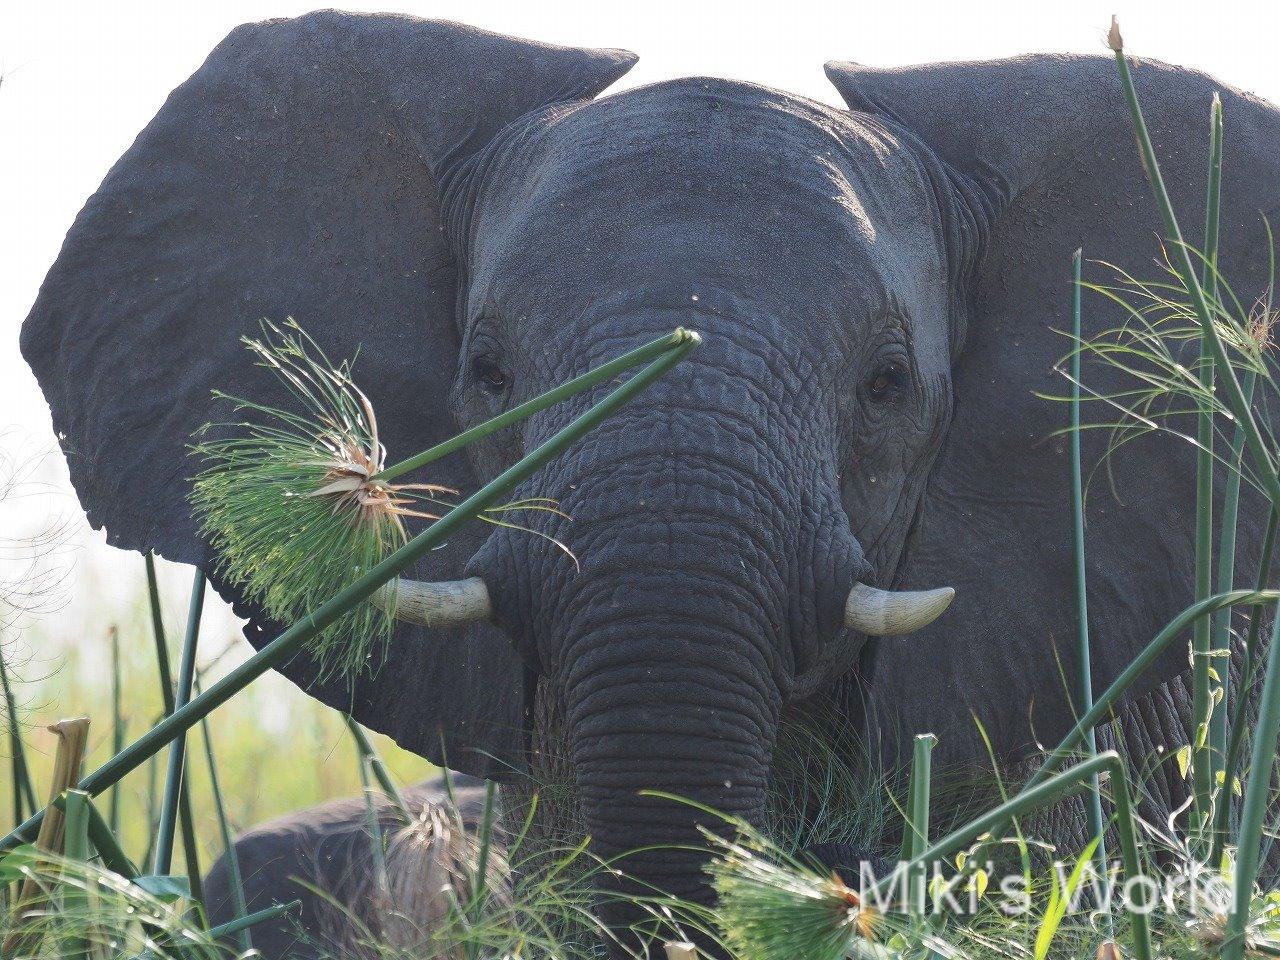 国立公園の外で暮らすアフリカゾウ 川岸のパピルスを食べる